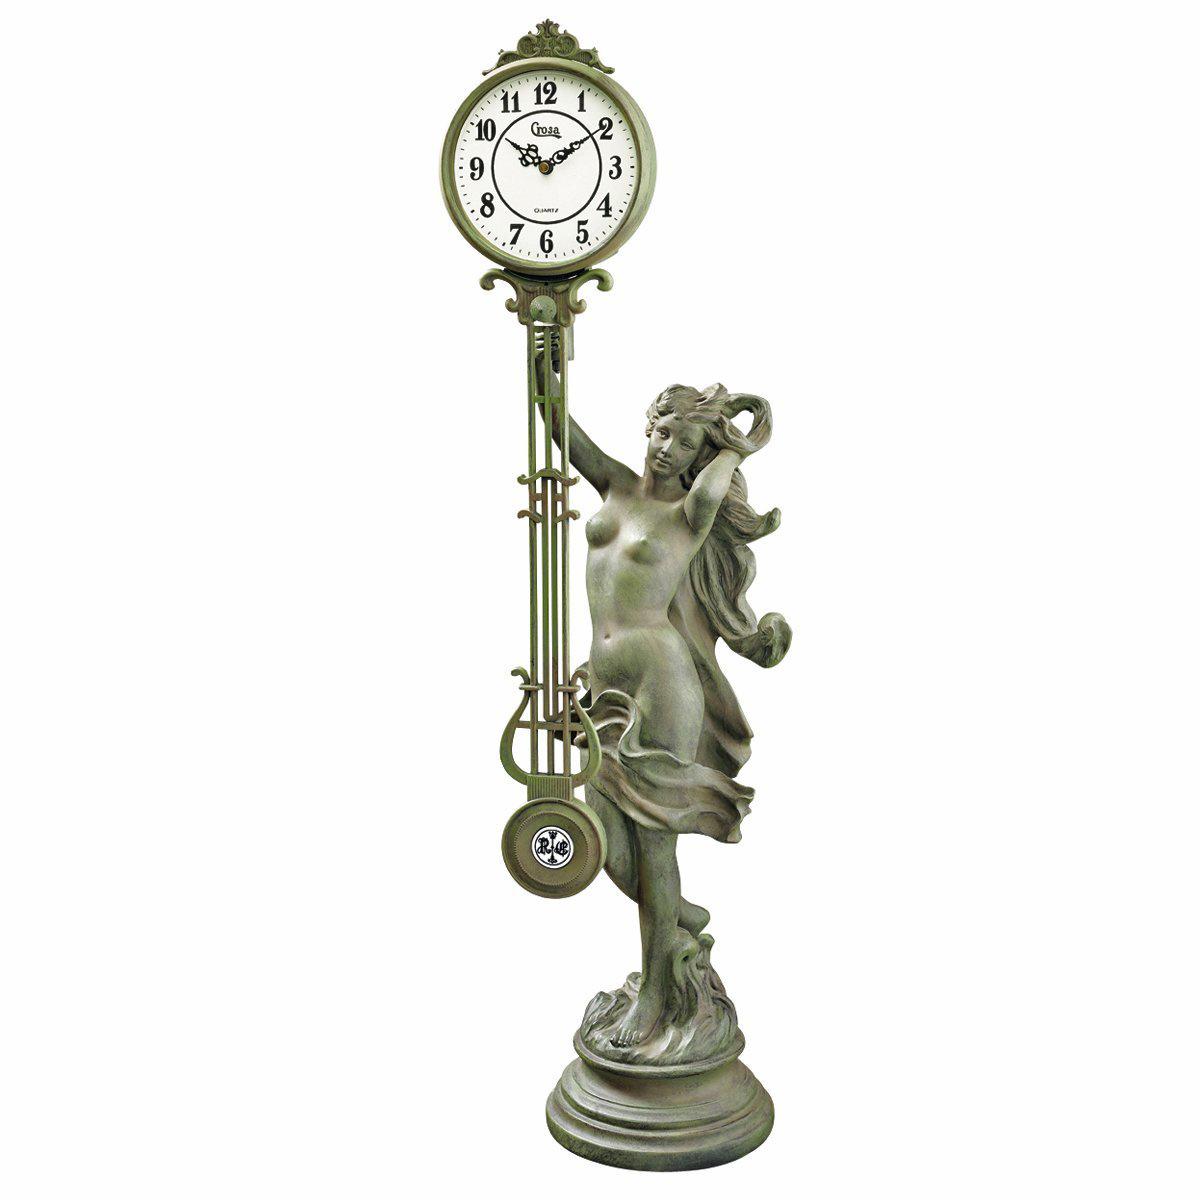 デザイン・トスカノ製 タイム・ペンデュラム・クロック 振り子時計の女神 彫像 彫刻/ Goddess of Time Pendulum Cloc(輸入品